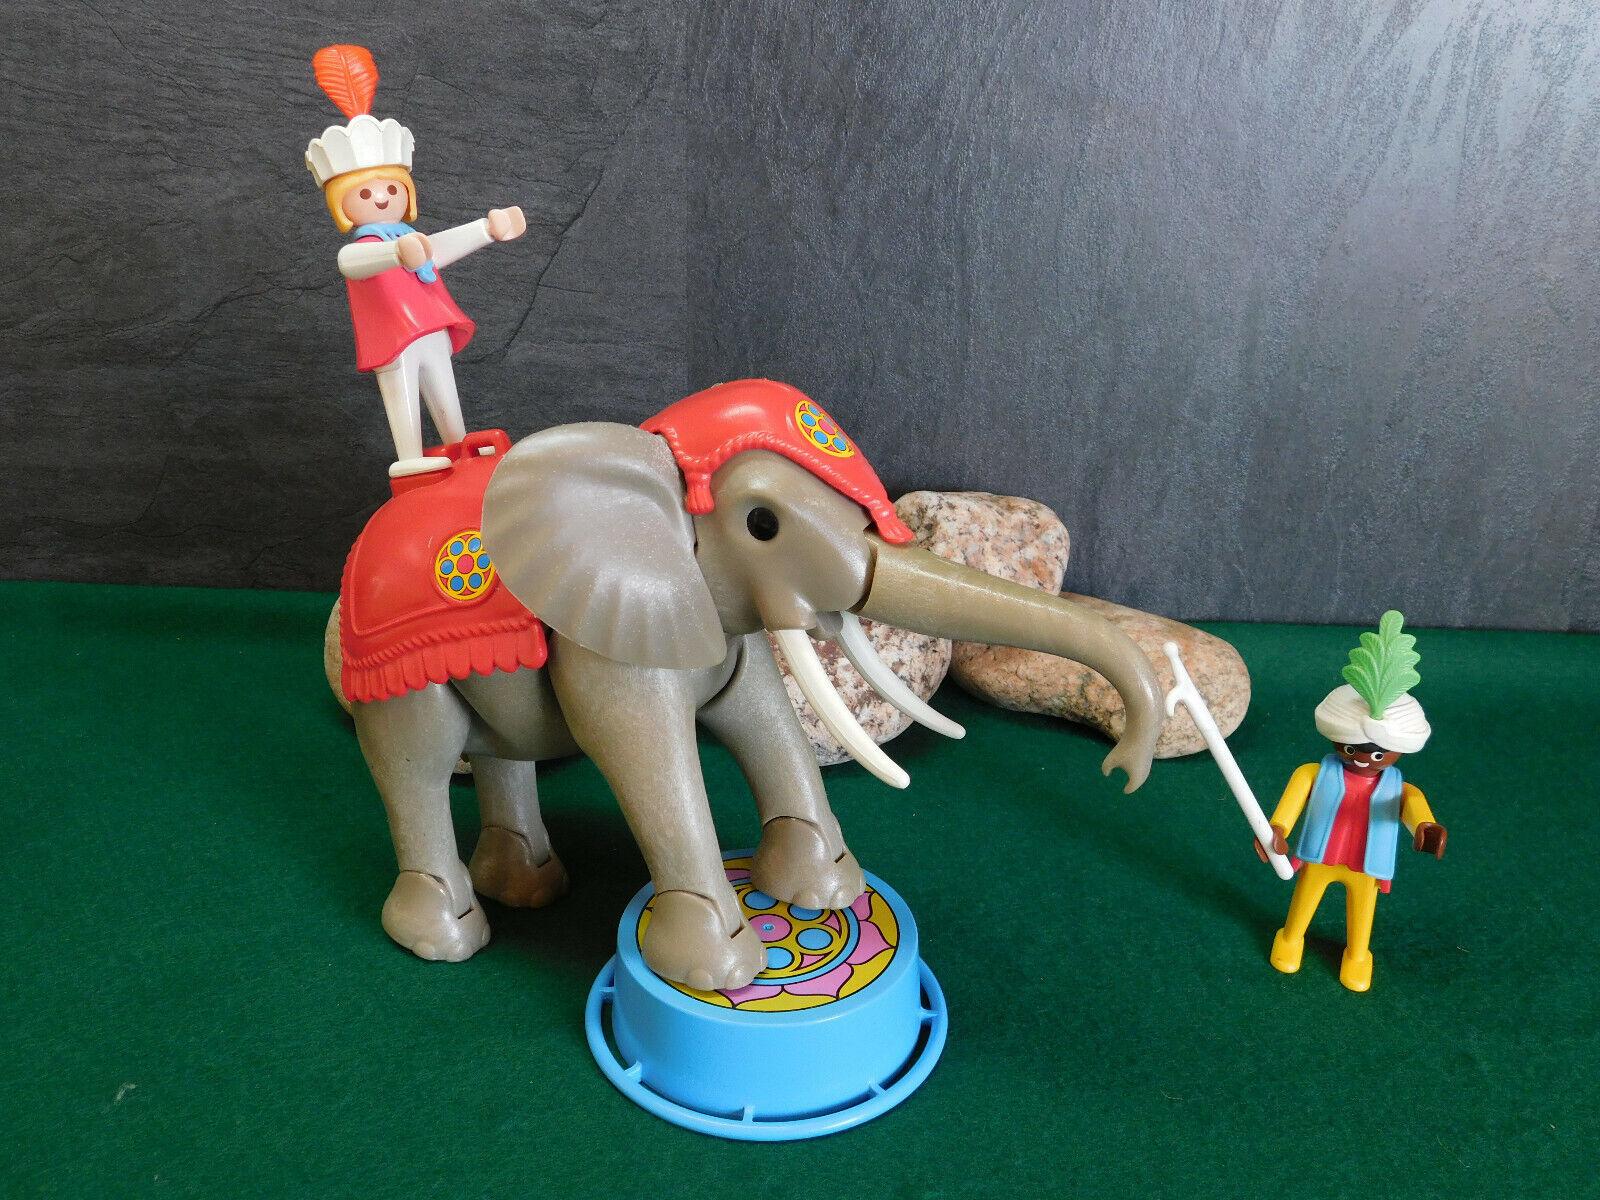 Playmobil Rarität Großer Zirkus-Elefant 3711-A 1988 ohne OVP